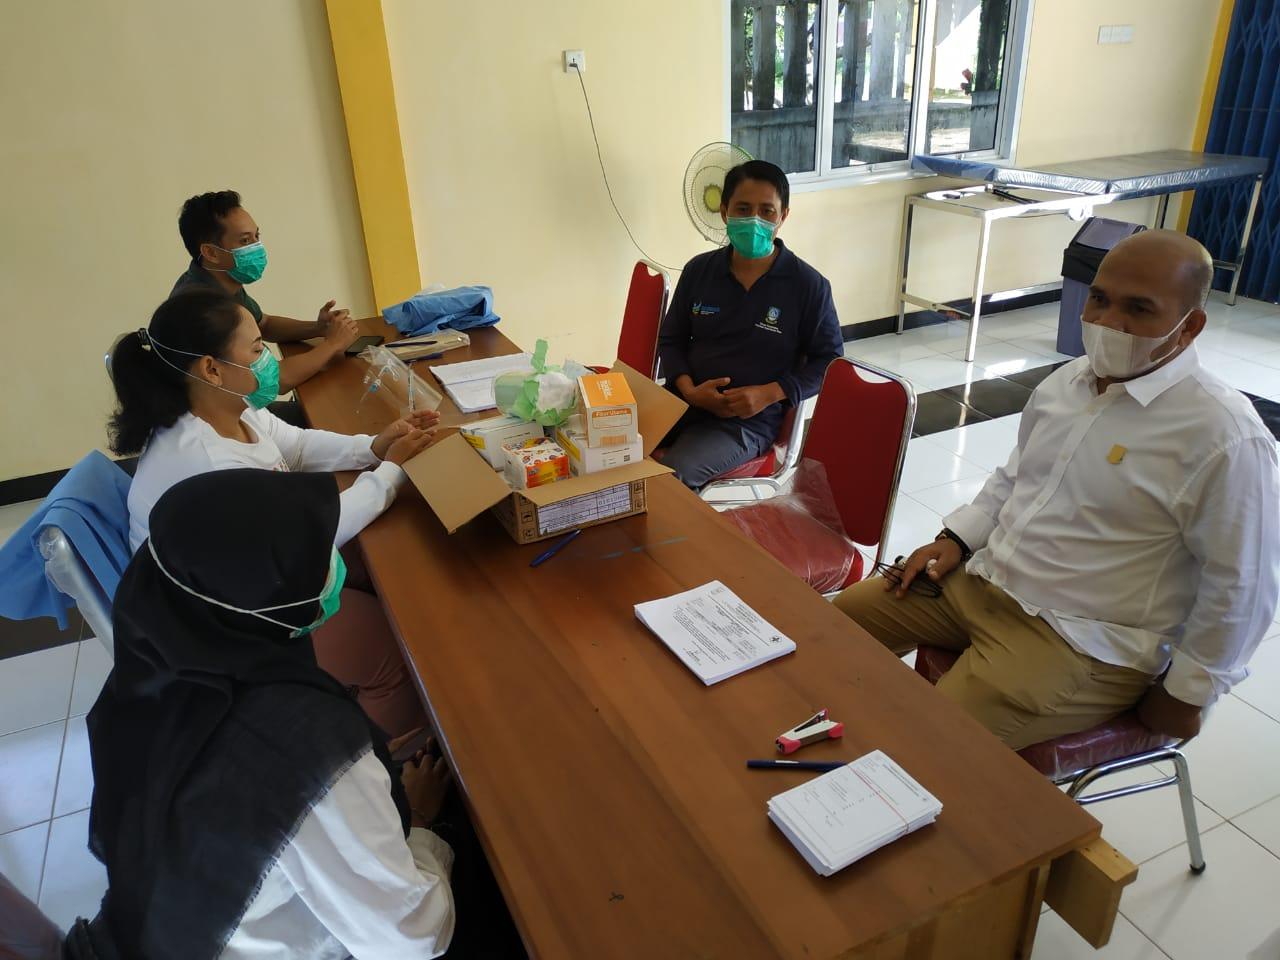 Foto DPRD natuna, Ketua komisi I dprd natuna, natuna, Rapid tes, rapid tes gratis, wan arismunandar